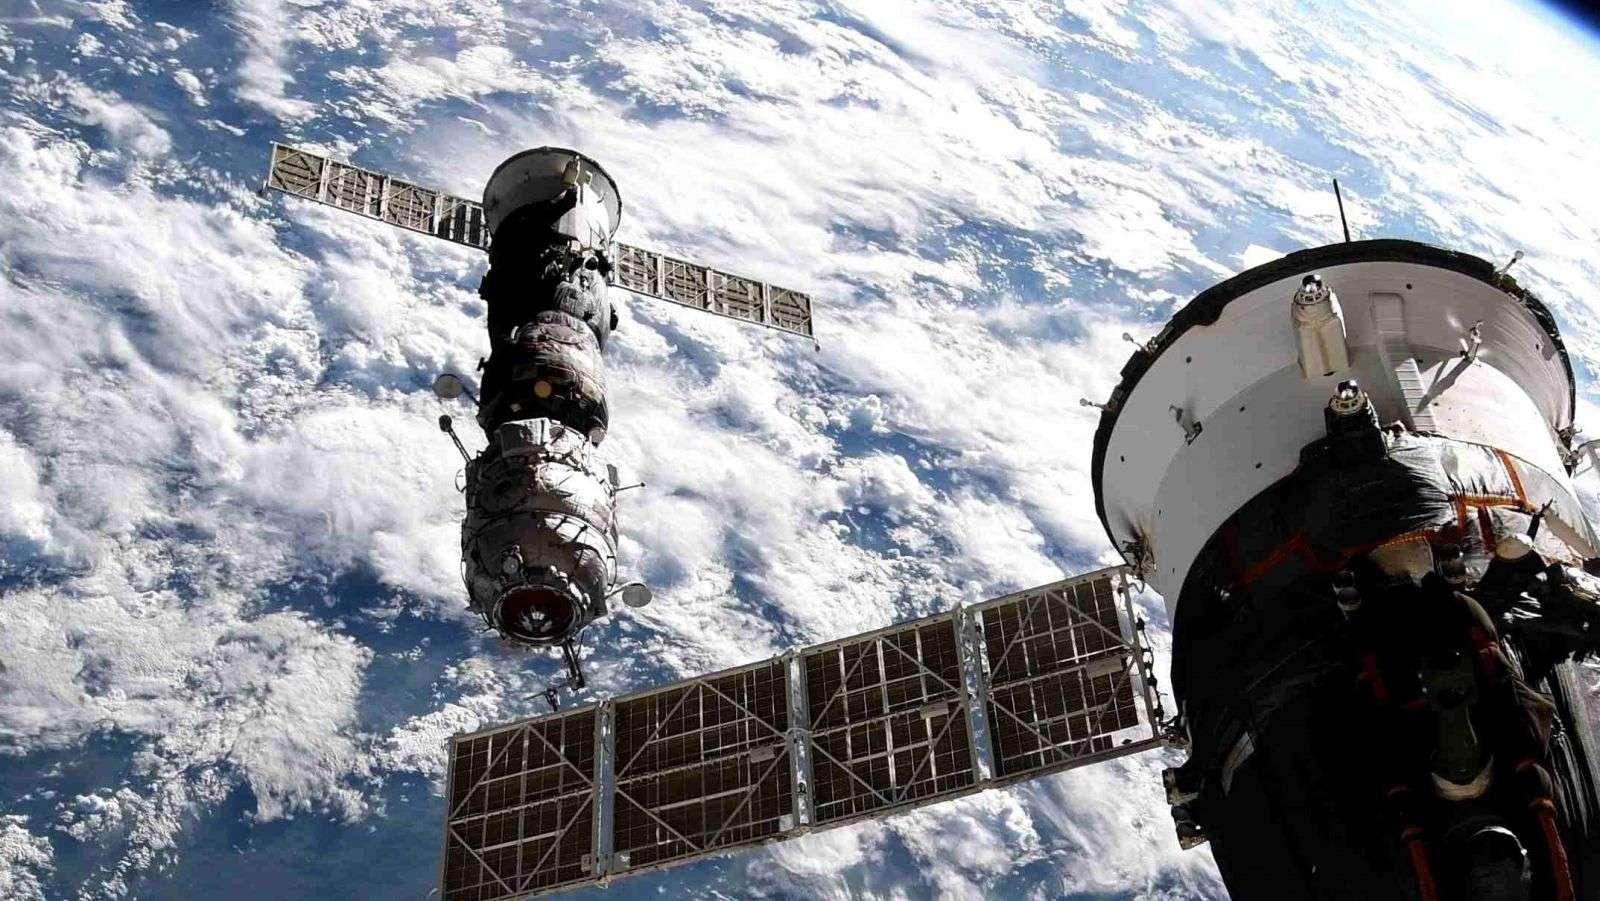 Pirs et le cargo Progress après leur désamarrage de la Station spatiale internationale. © Roscosmos